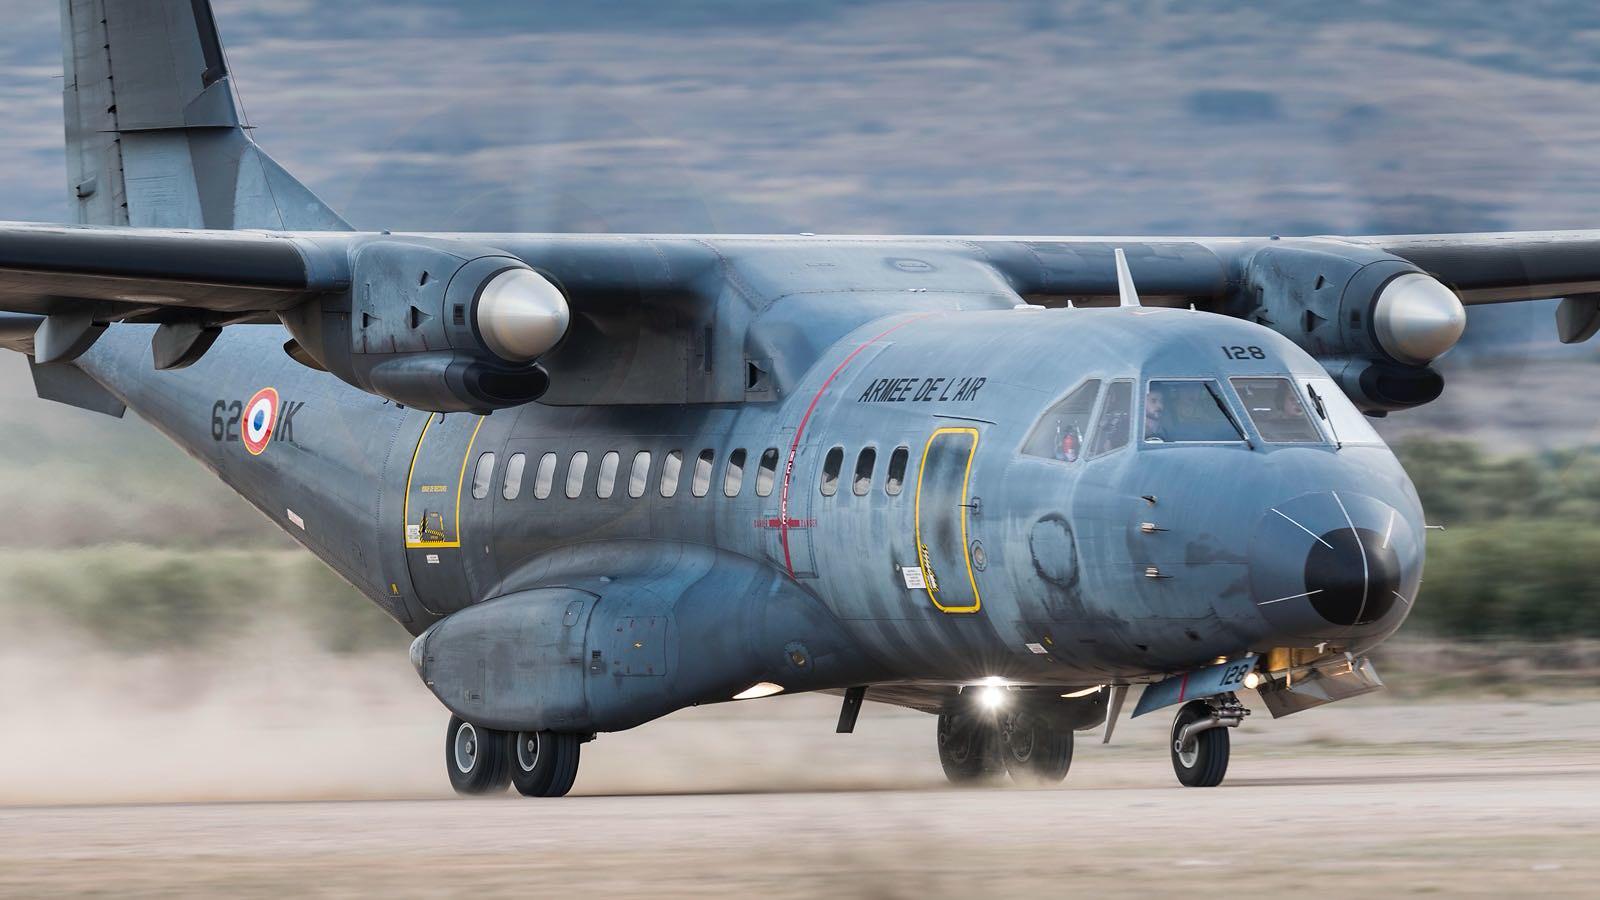 Comienza un nuevo curso de transporte aéreo europeo en Zaragoza